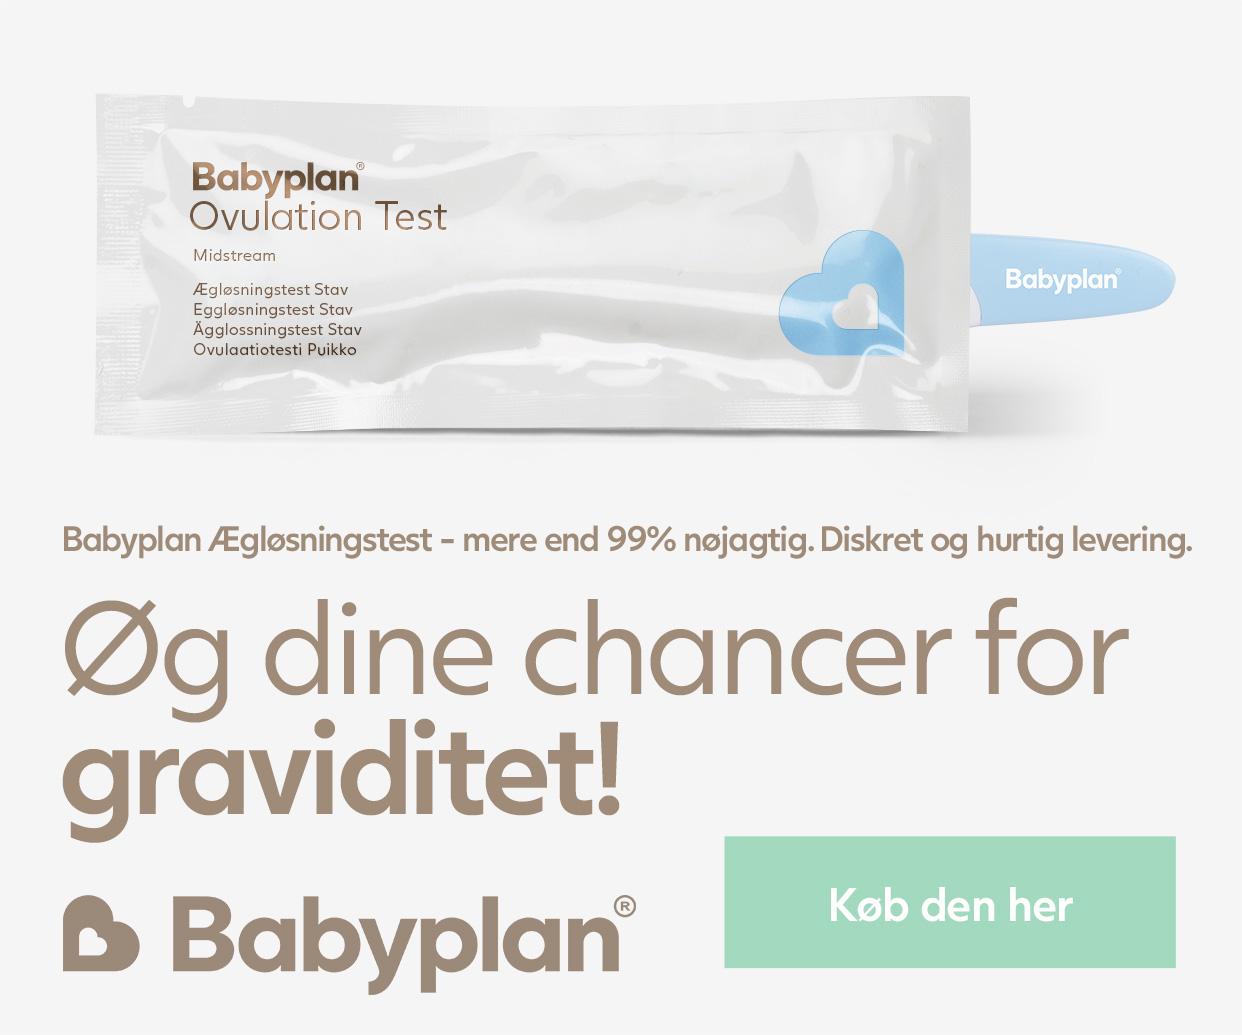 Øg dine chancer for graviditet med en ægløsningstest